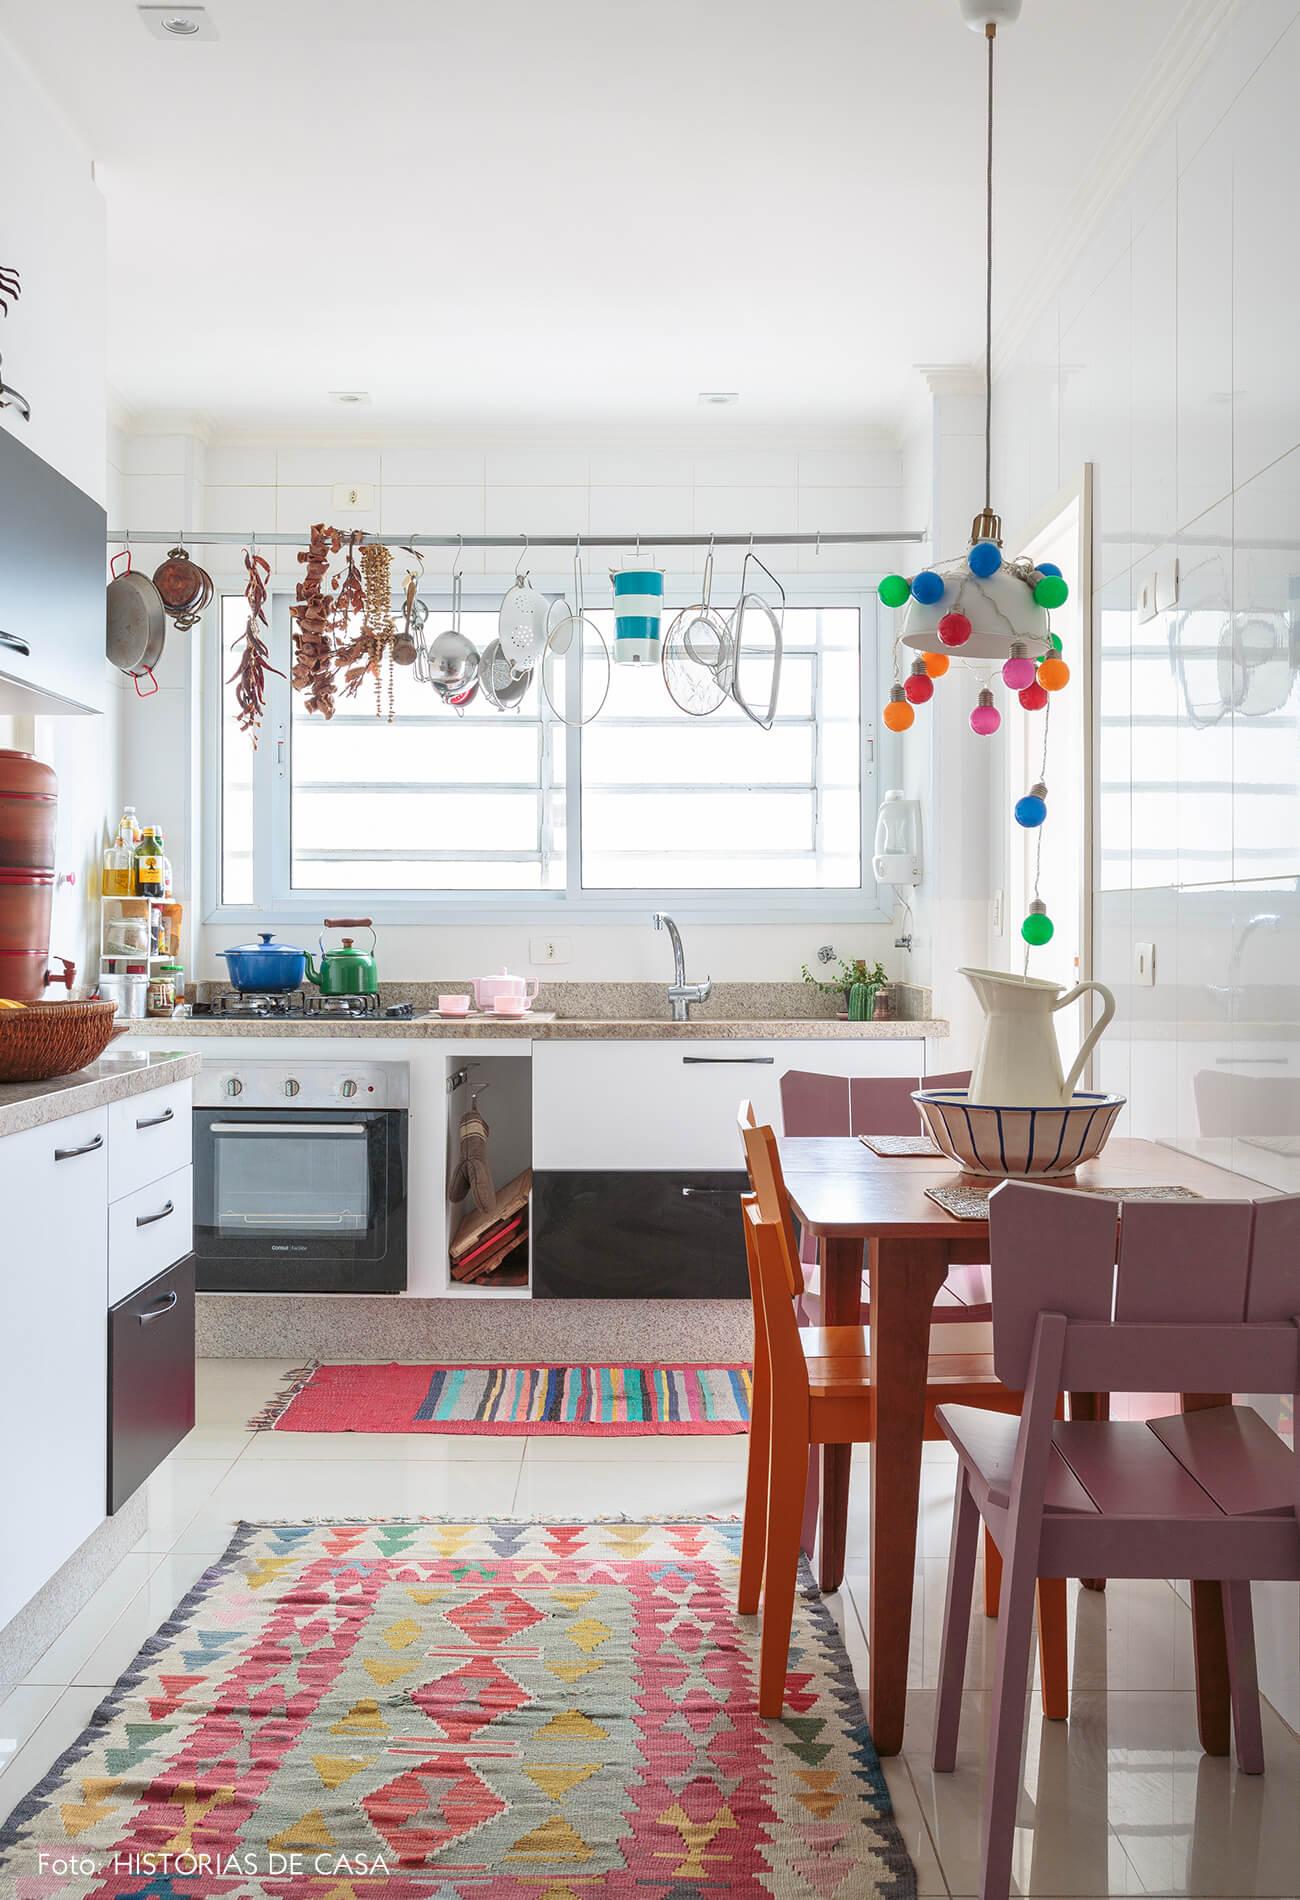 decoração cozinha colorida com tapete estampado e cadeira rosa